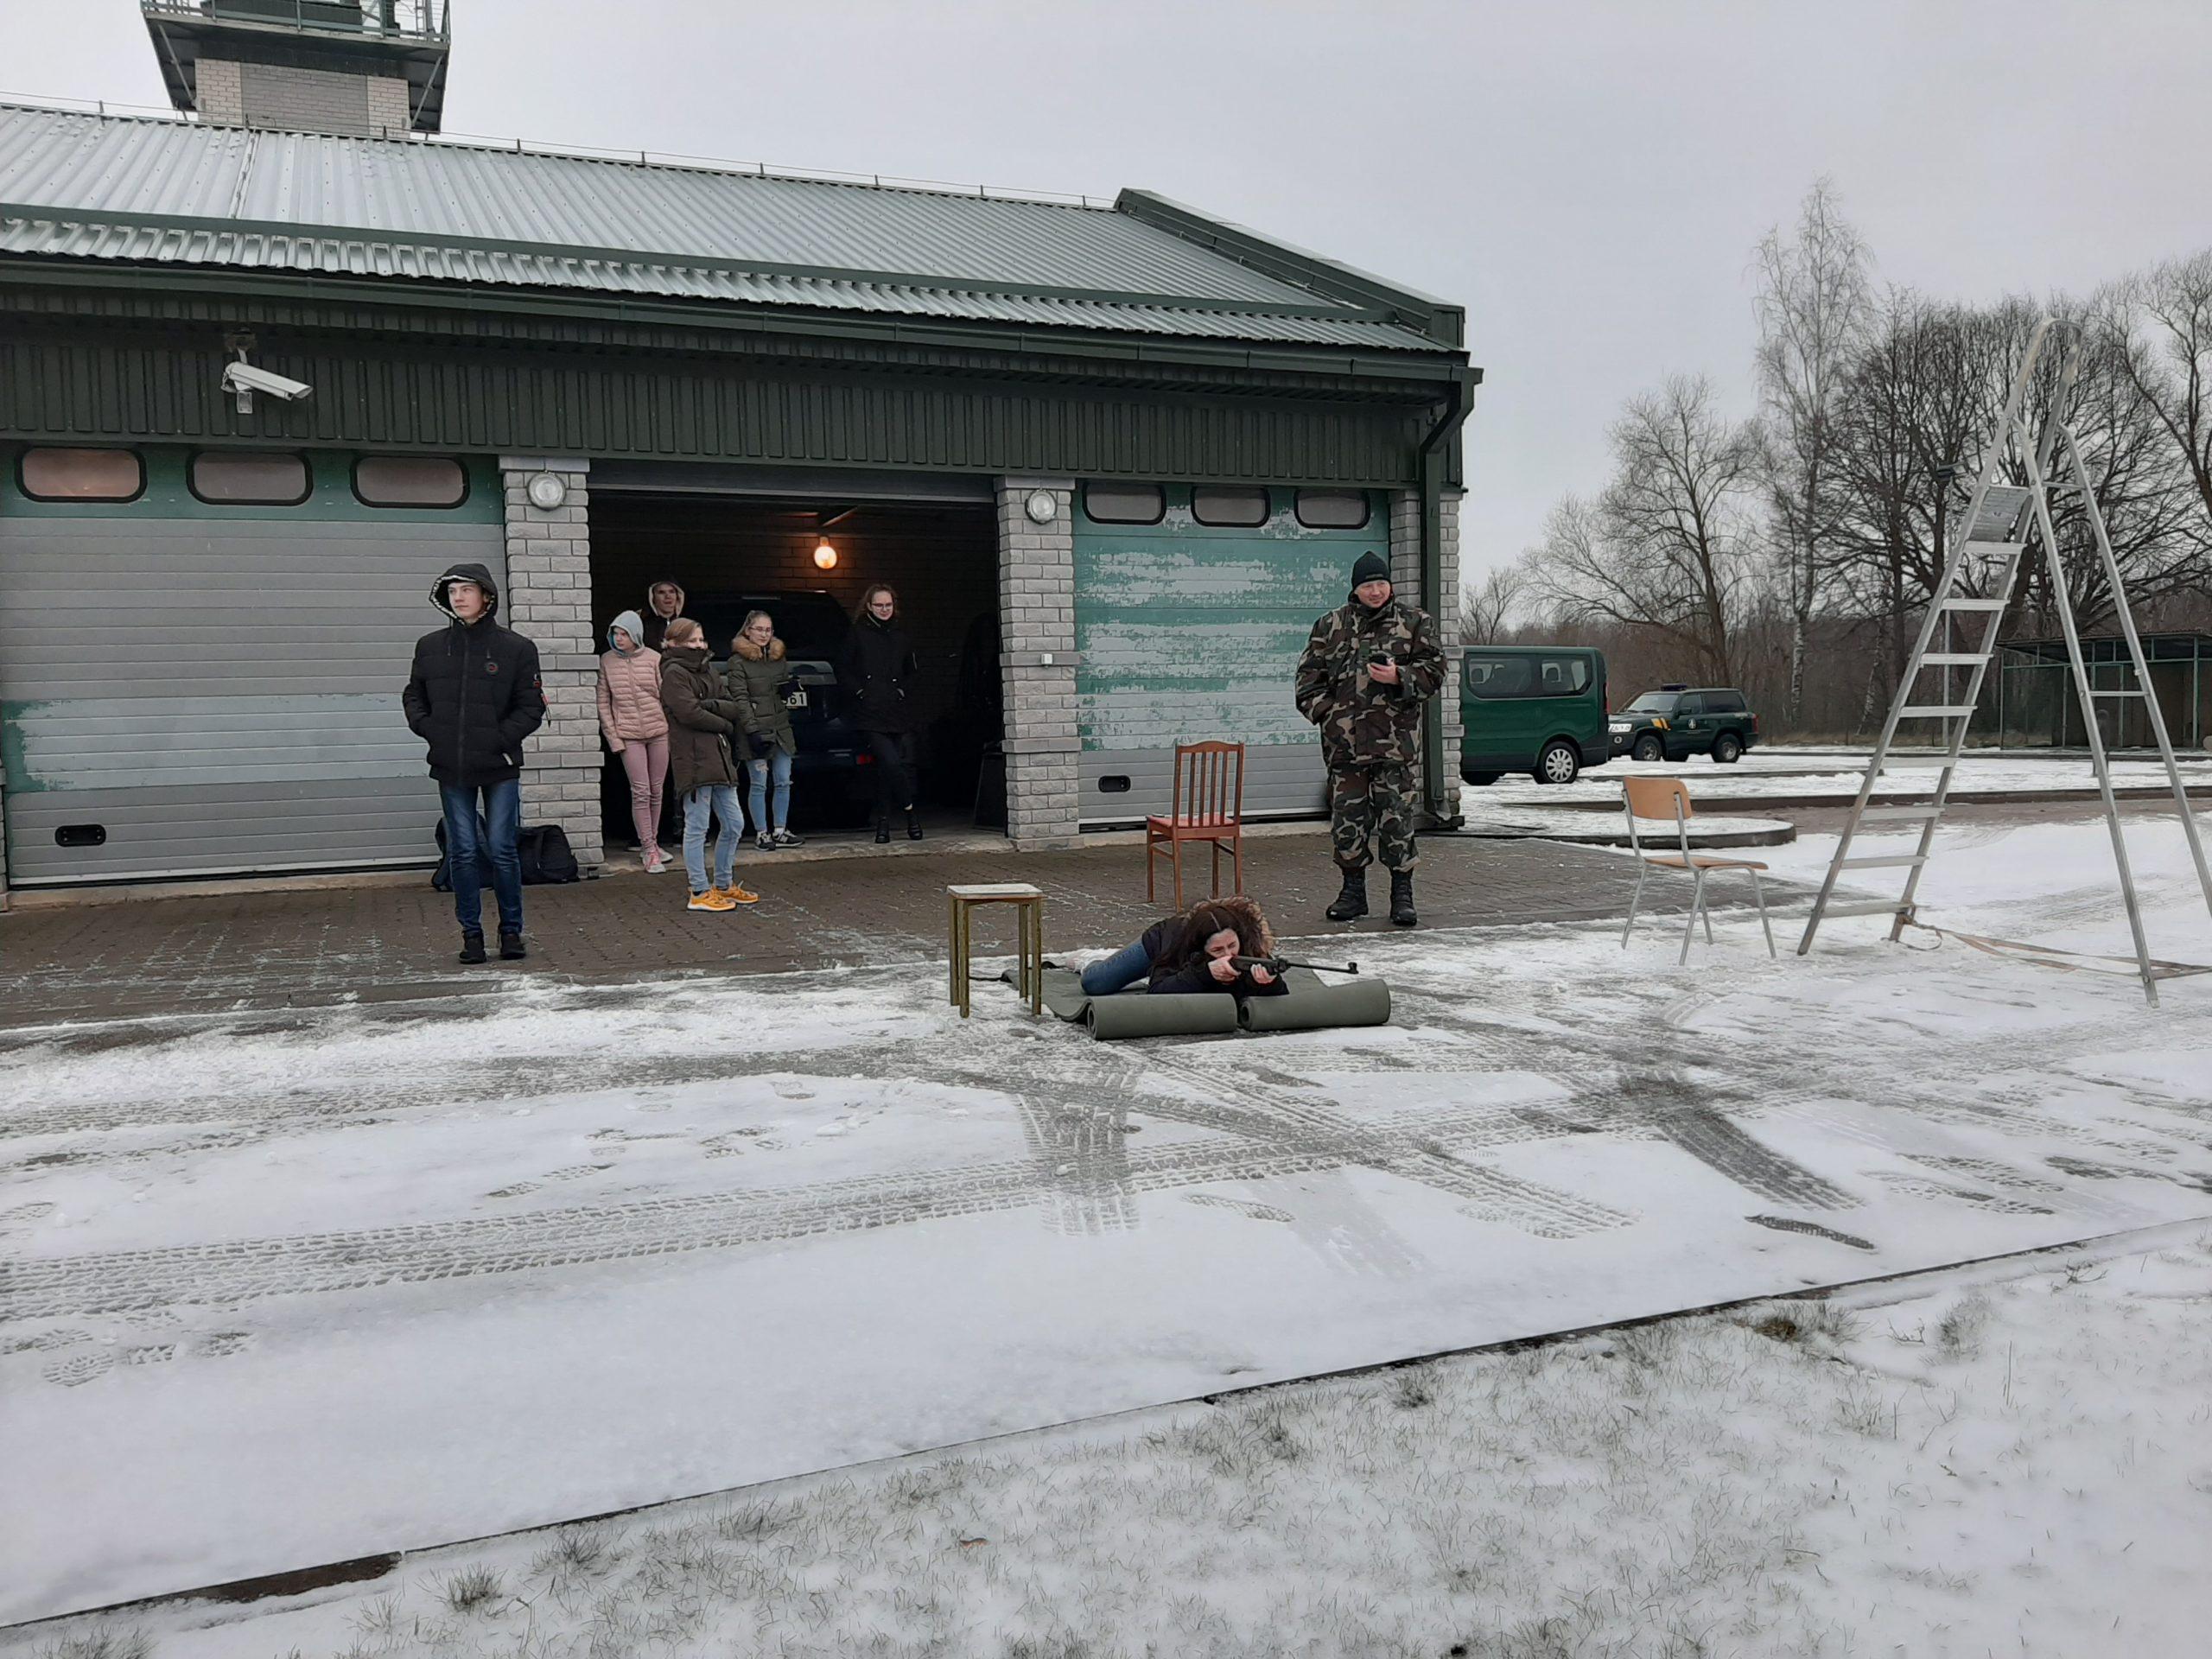 Jaunieji pasieniečiai ruošiasi šaudymo pneumatiniais ginklais varžyboms